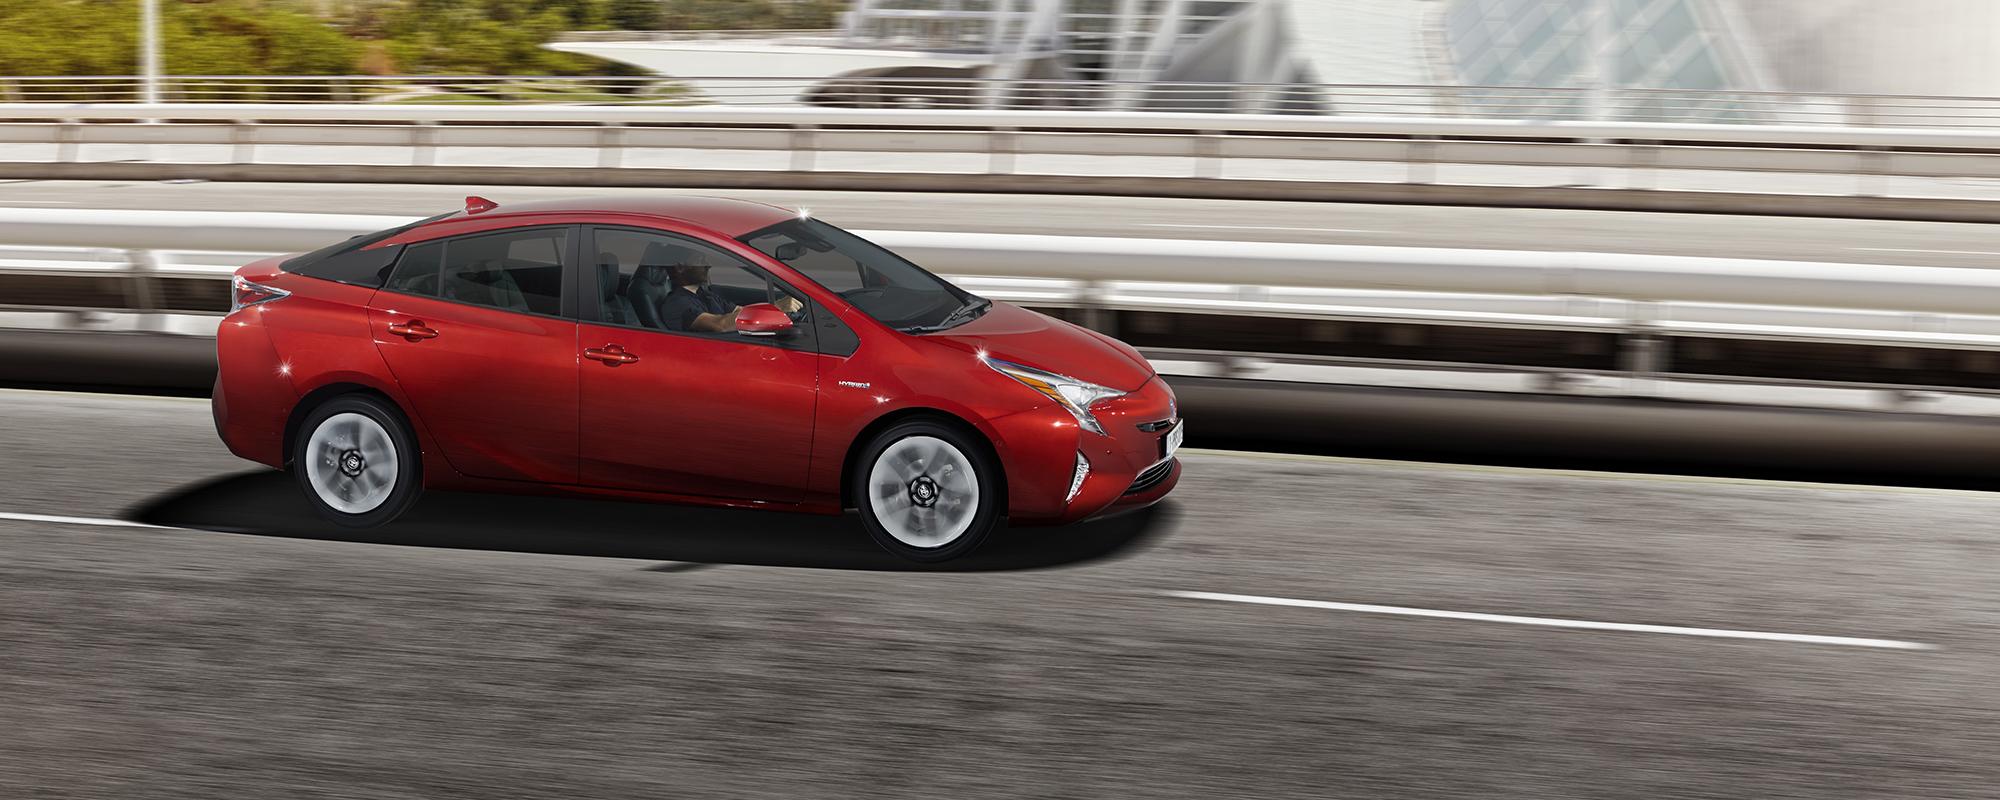 Toyota Prius klaar voor succesvolle start in 2016